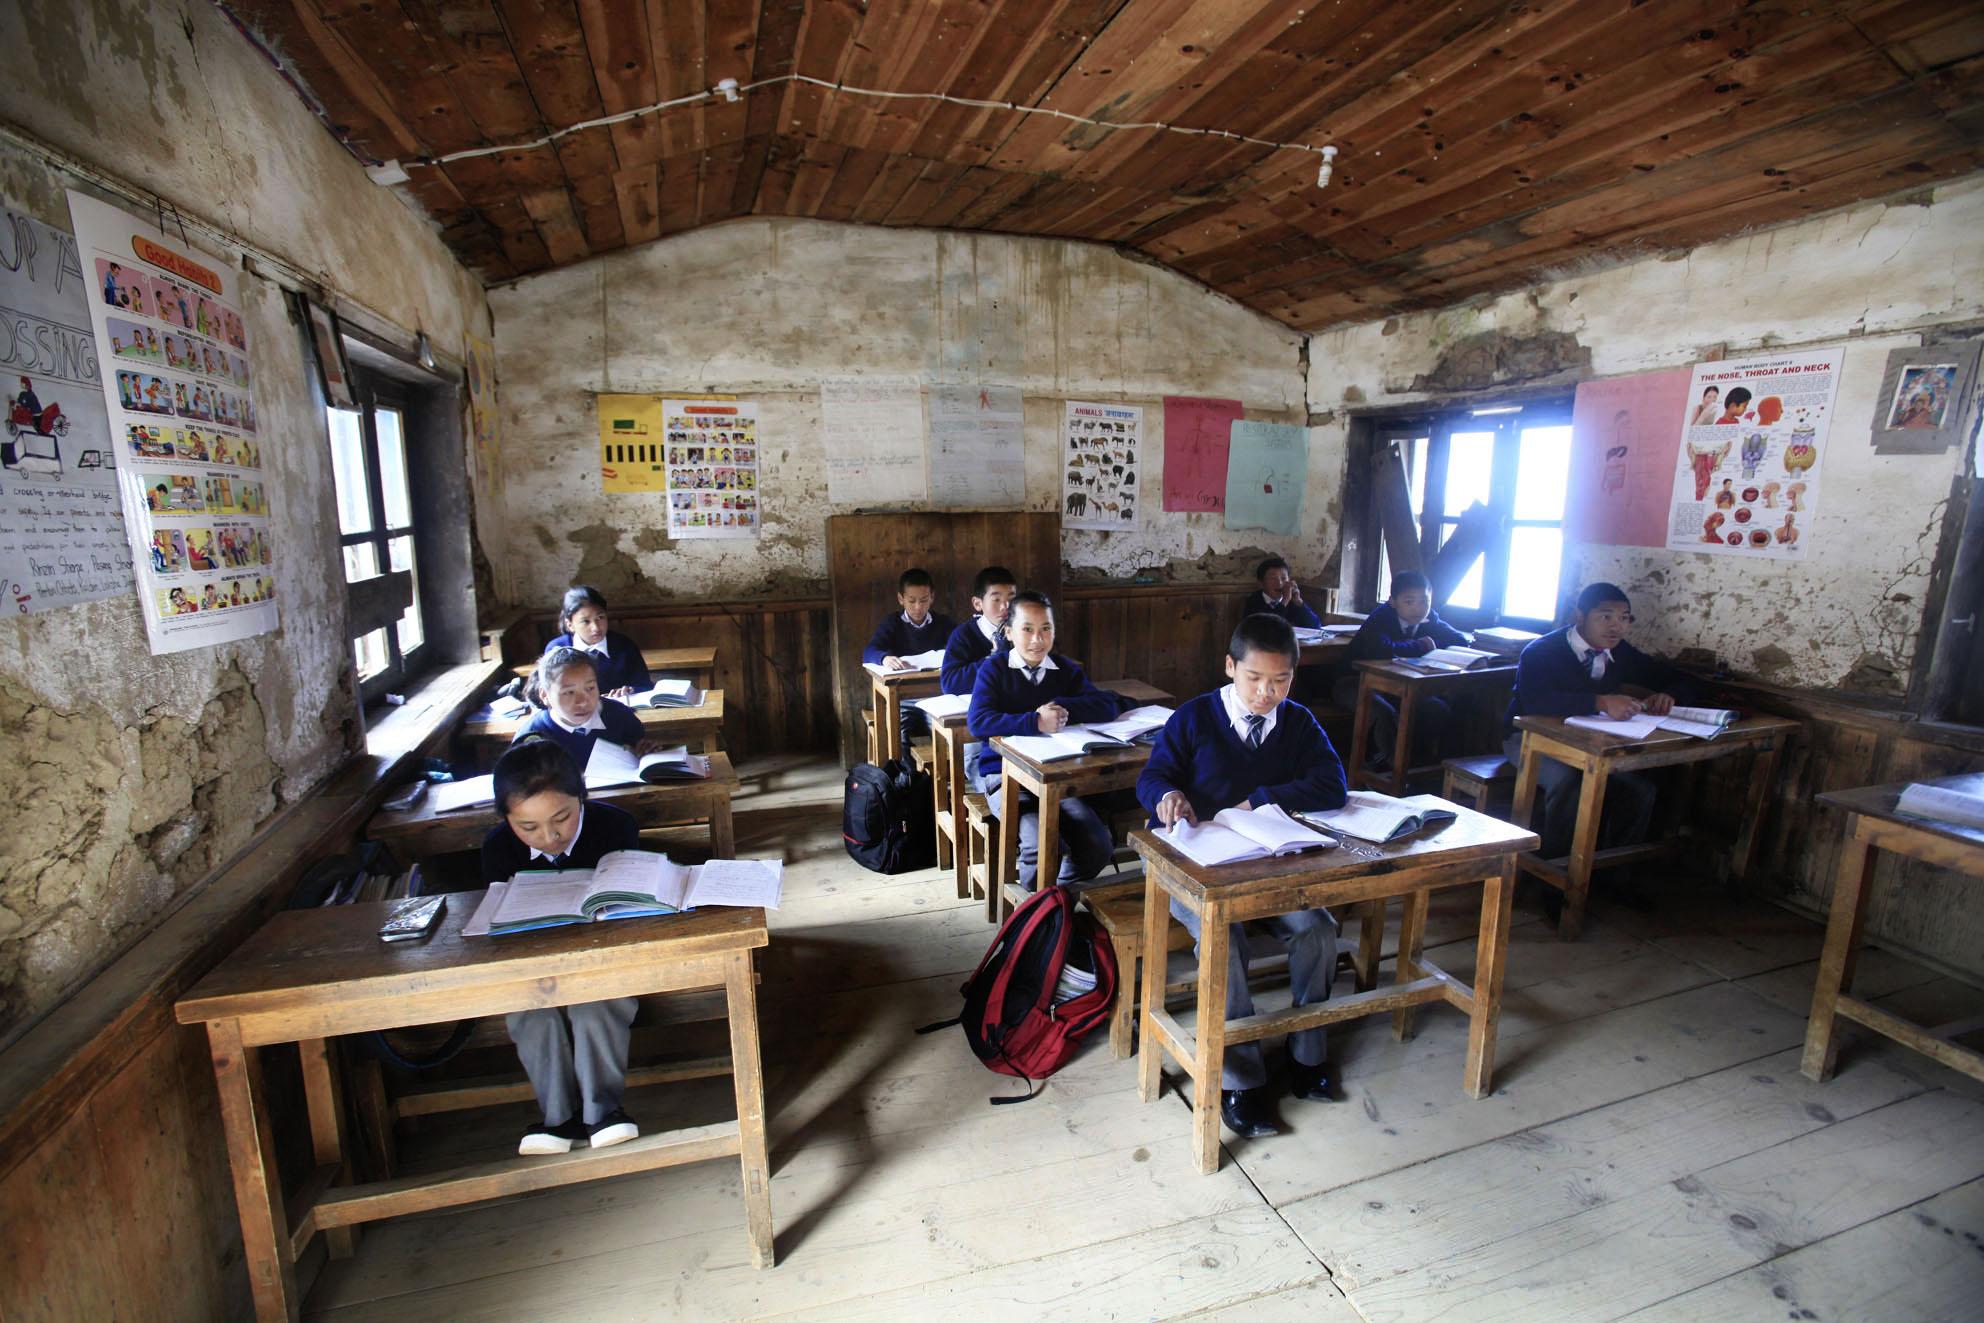 Reportage | Losan Piatti - Fotografo Italia_Nepal 2015_Mount Everest School Class